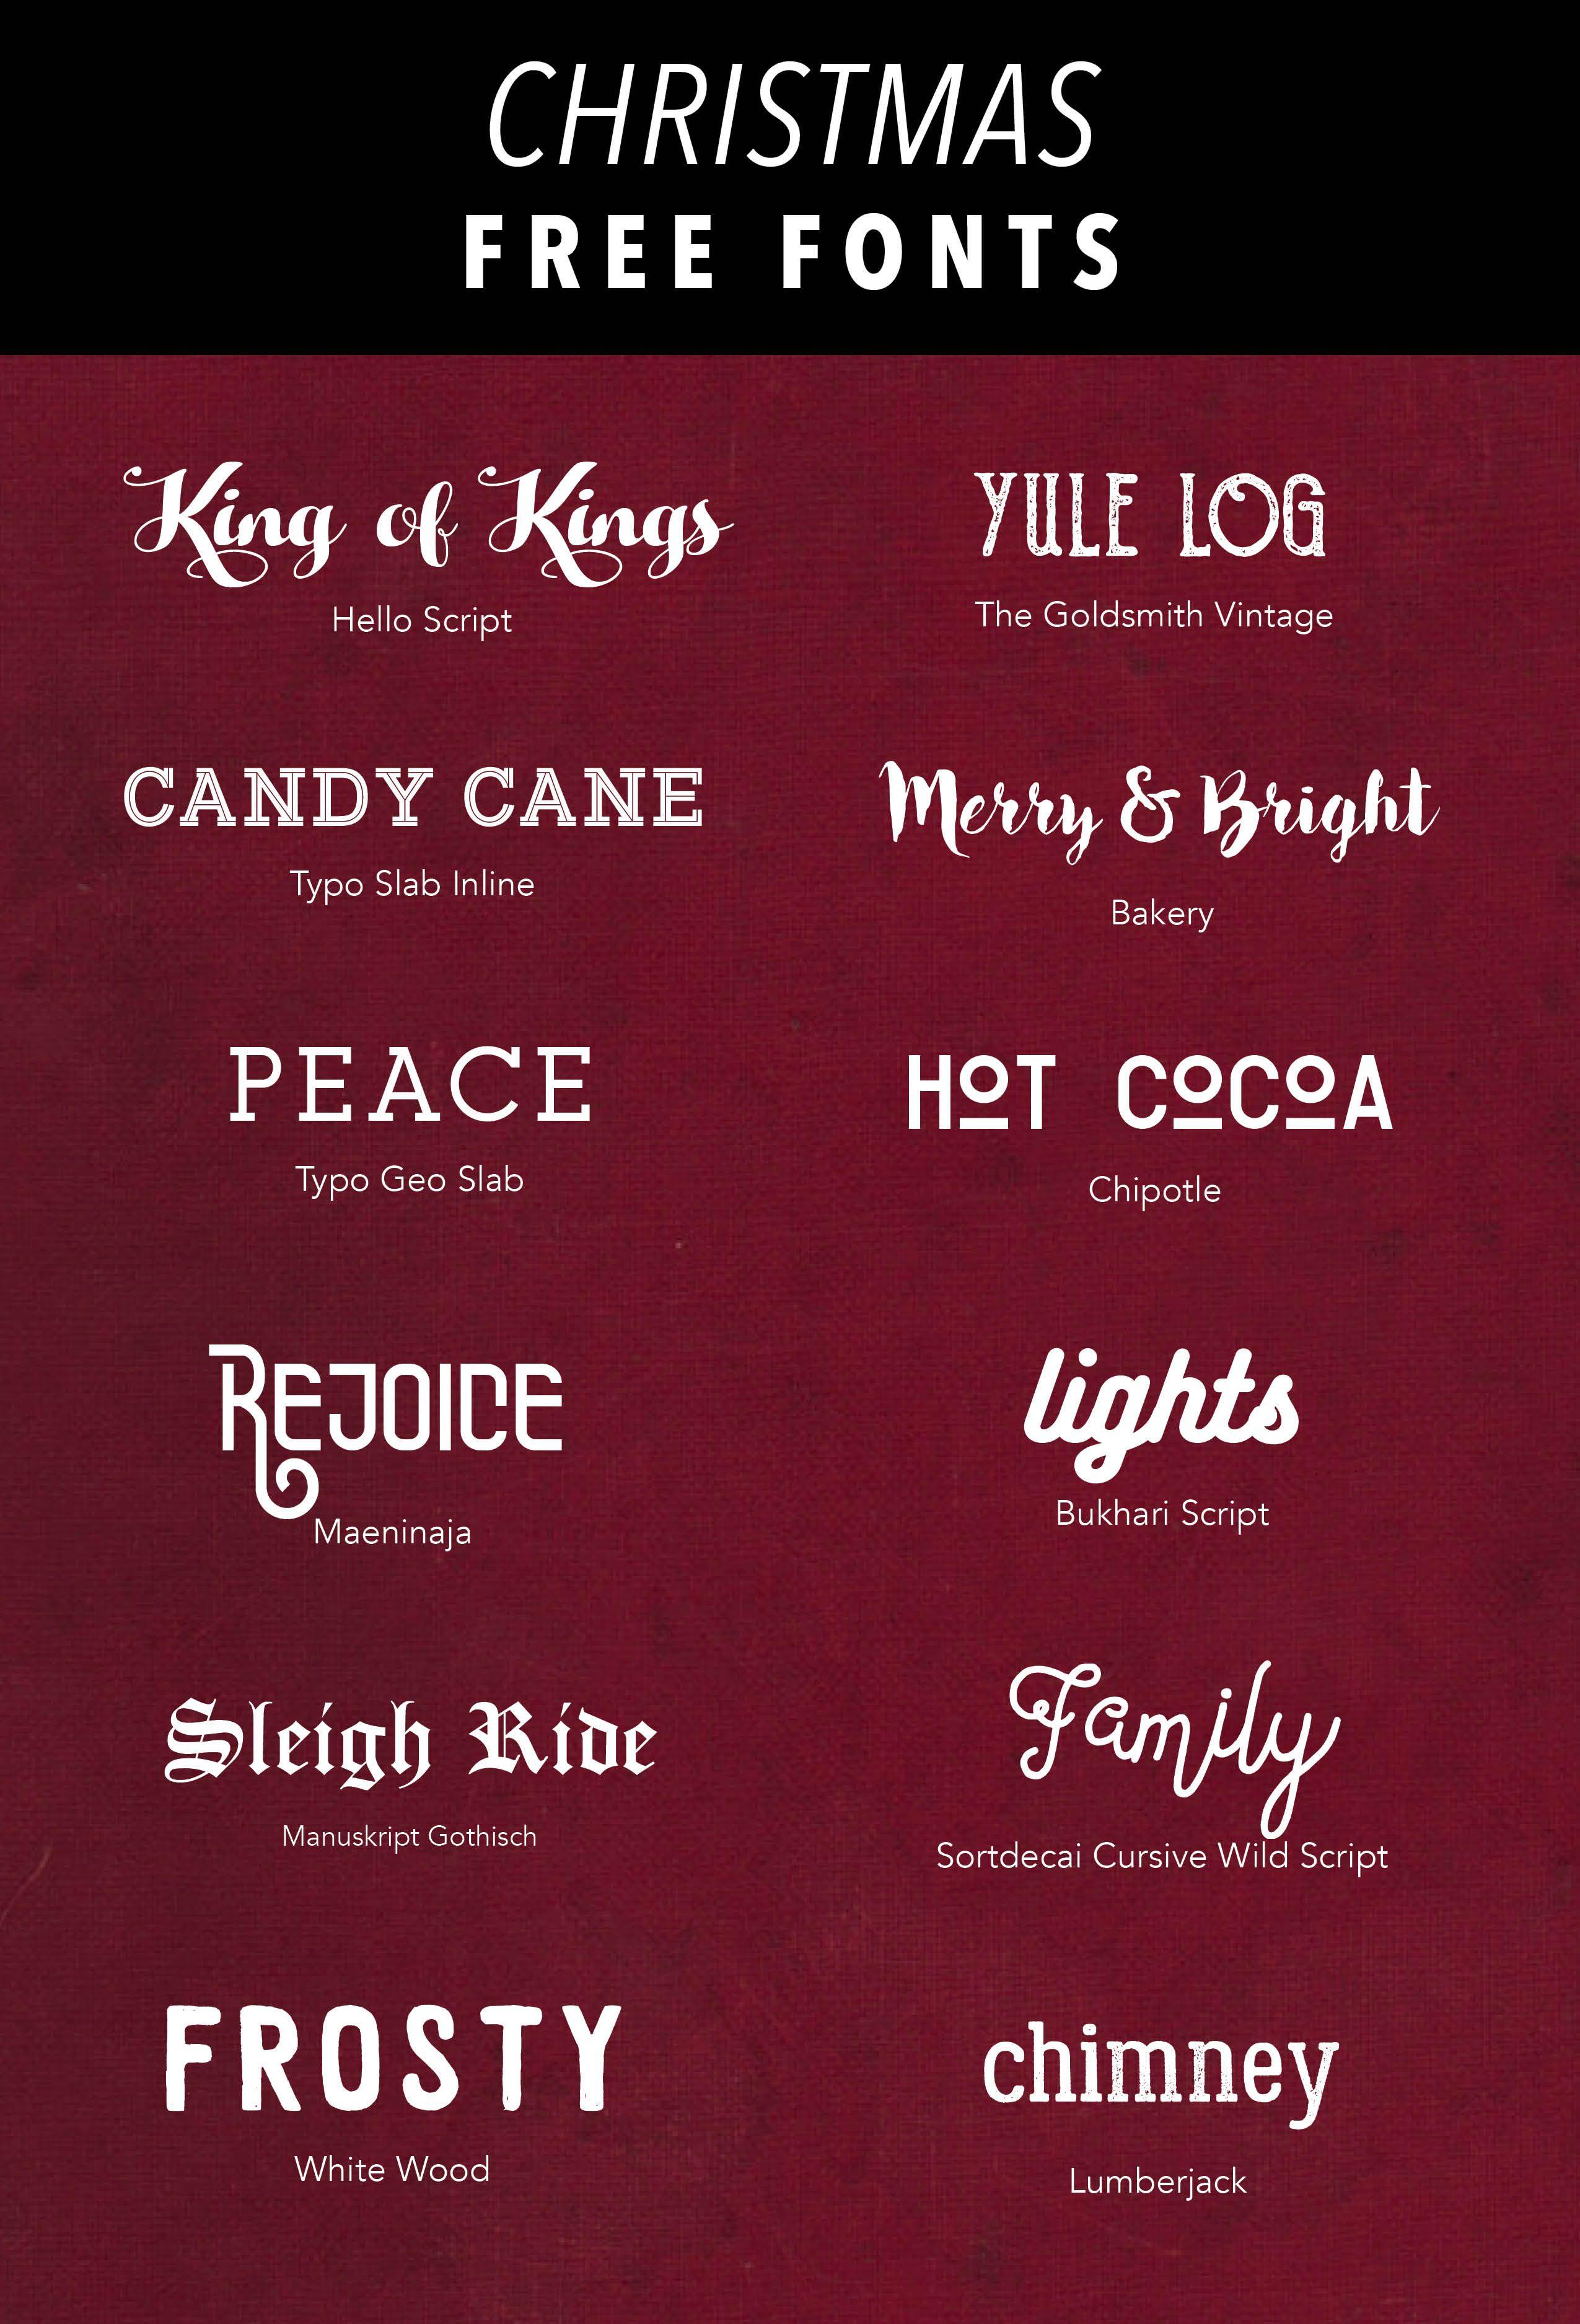 SIMPLE SANCTUARY | Free Christmas Fonts | http://www.simplesanctuaryblog.com